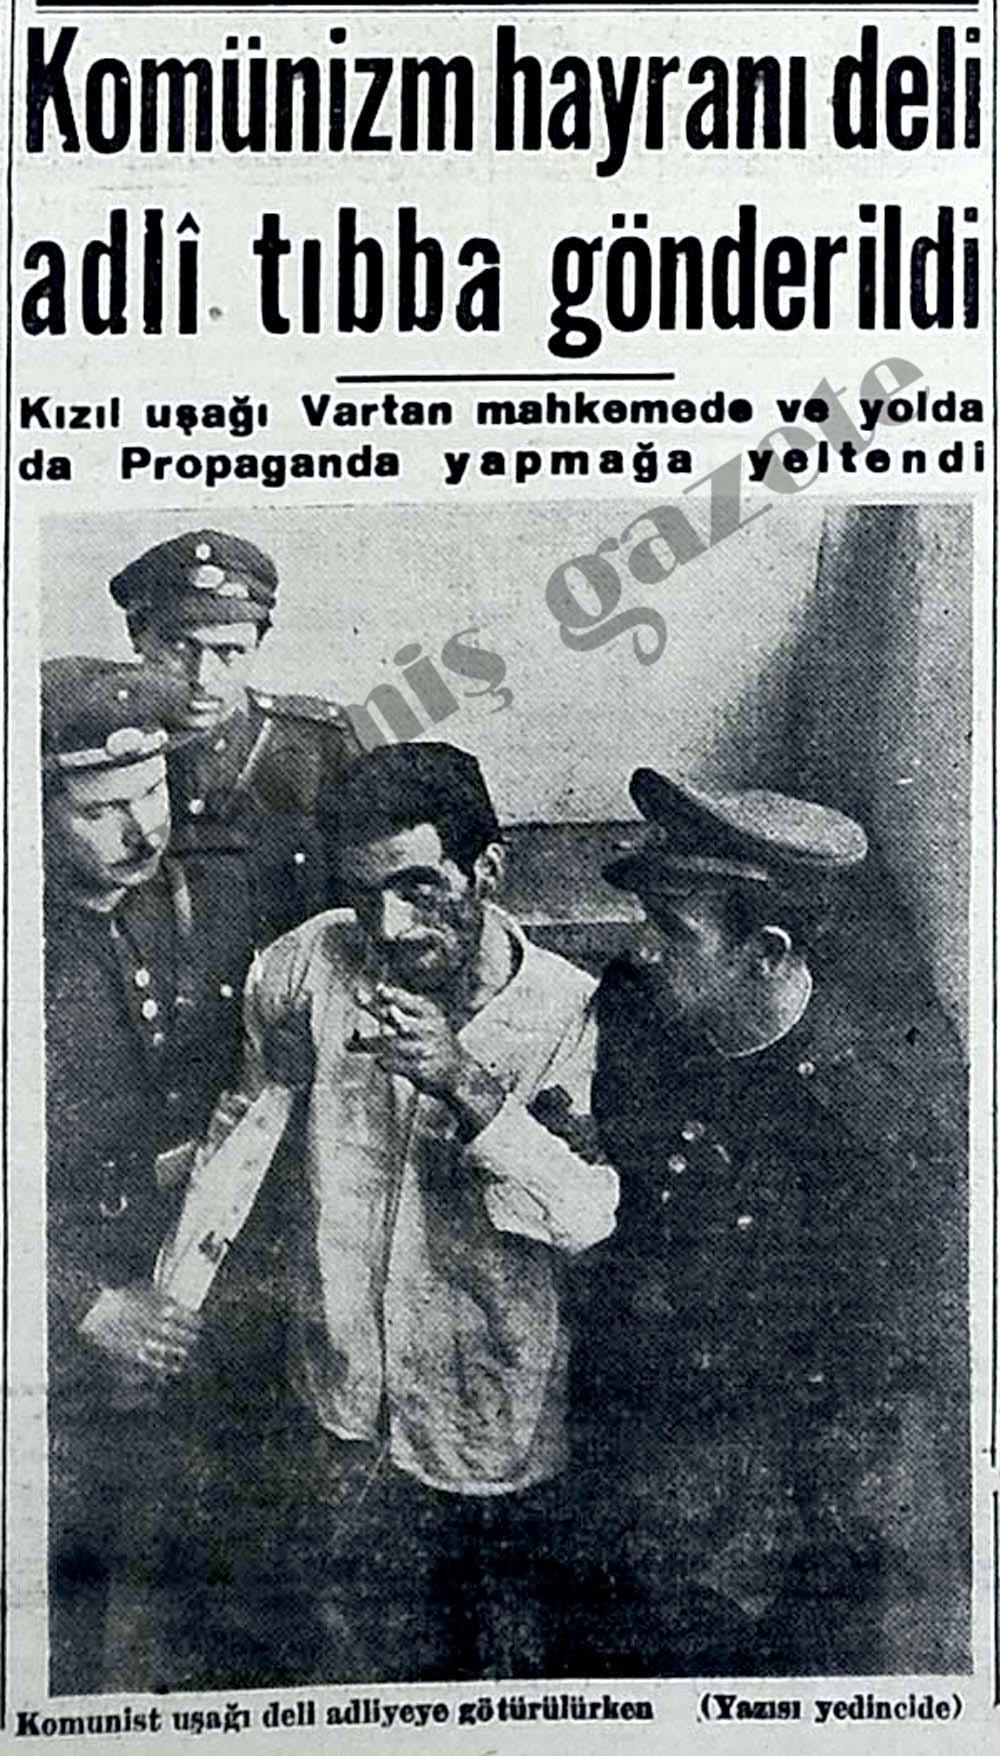 Komünizm hayranı deli adli tıbba gönderildi